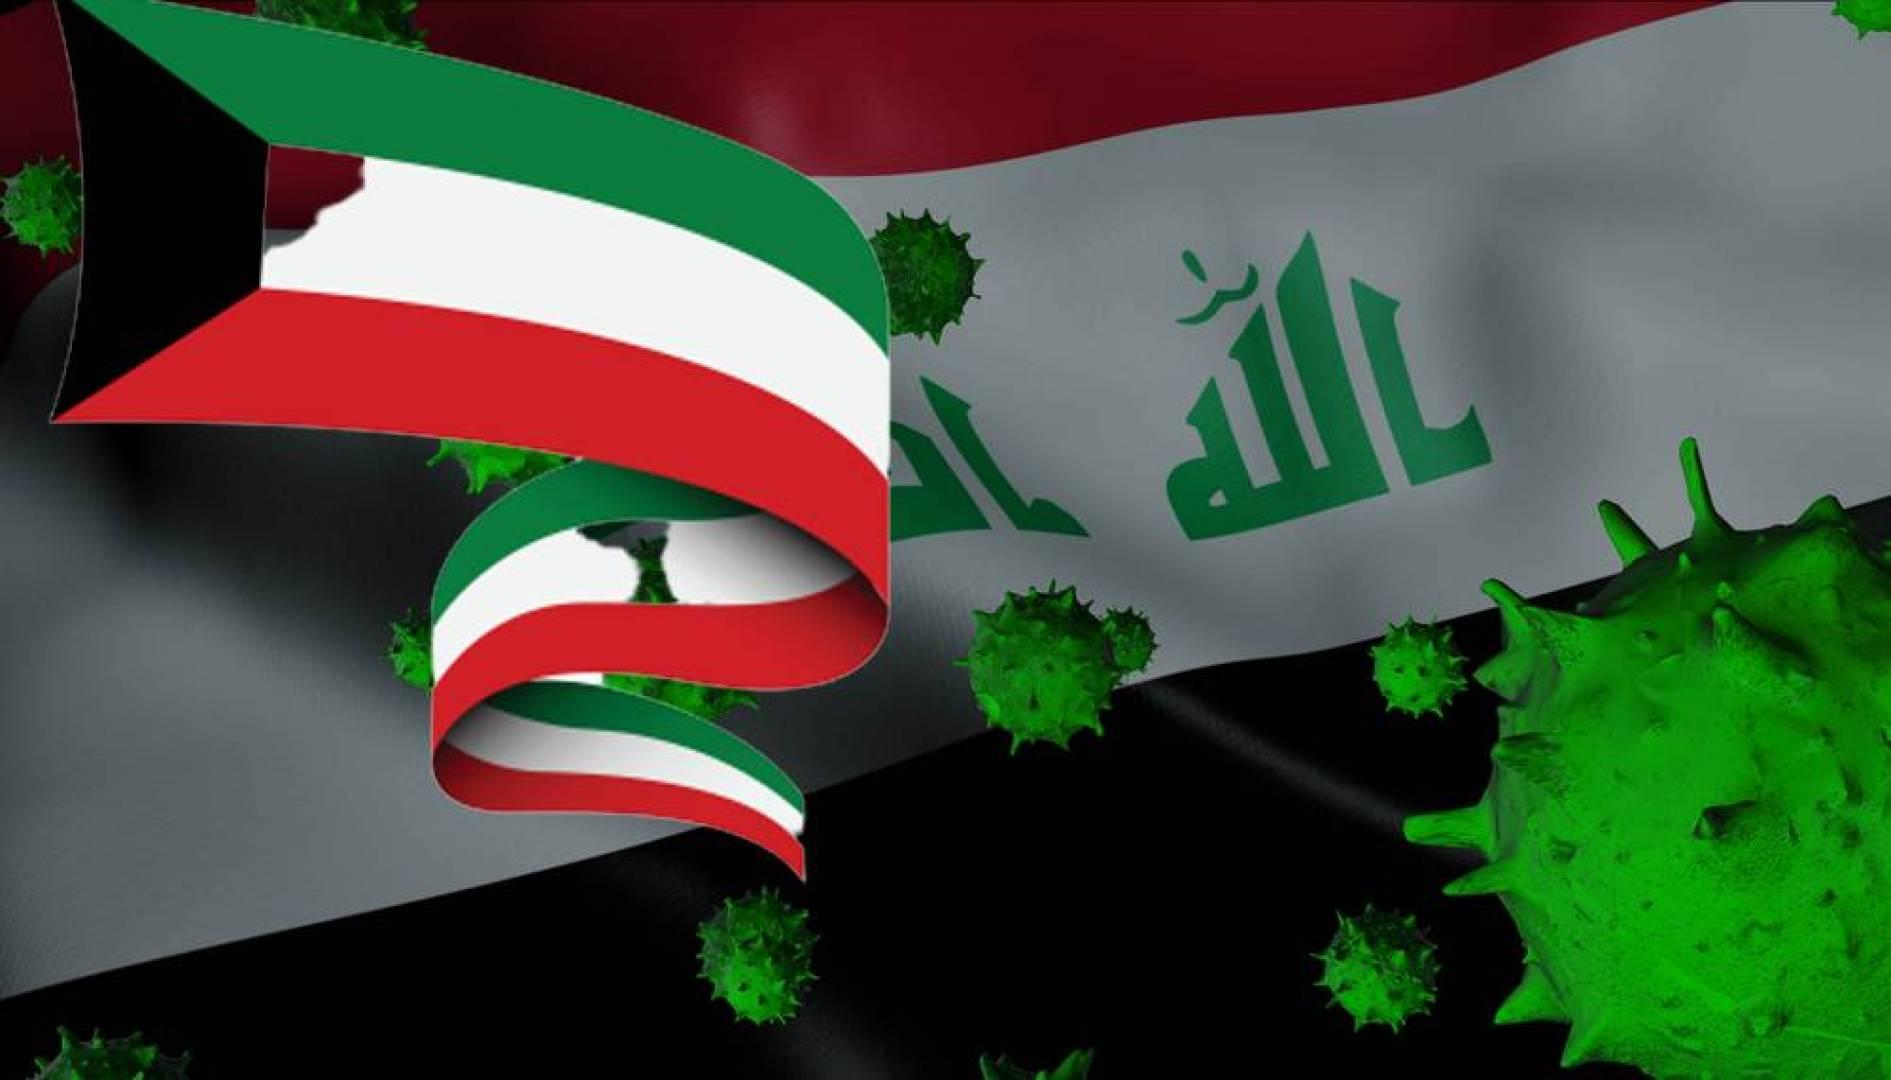 سفارة الكويت في العراق تدعو مواطنيها للاتصال بها لتسهيل عودتهم للبلاد